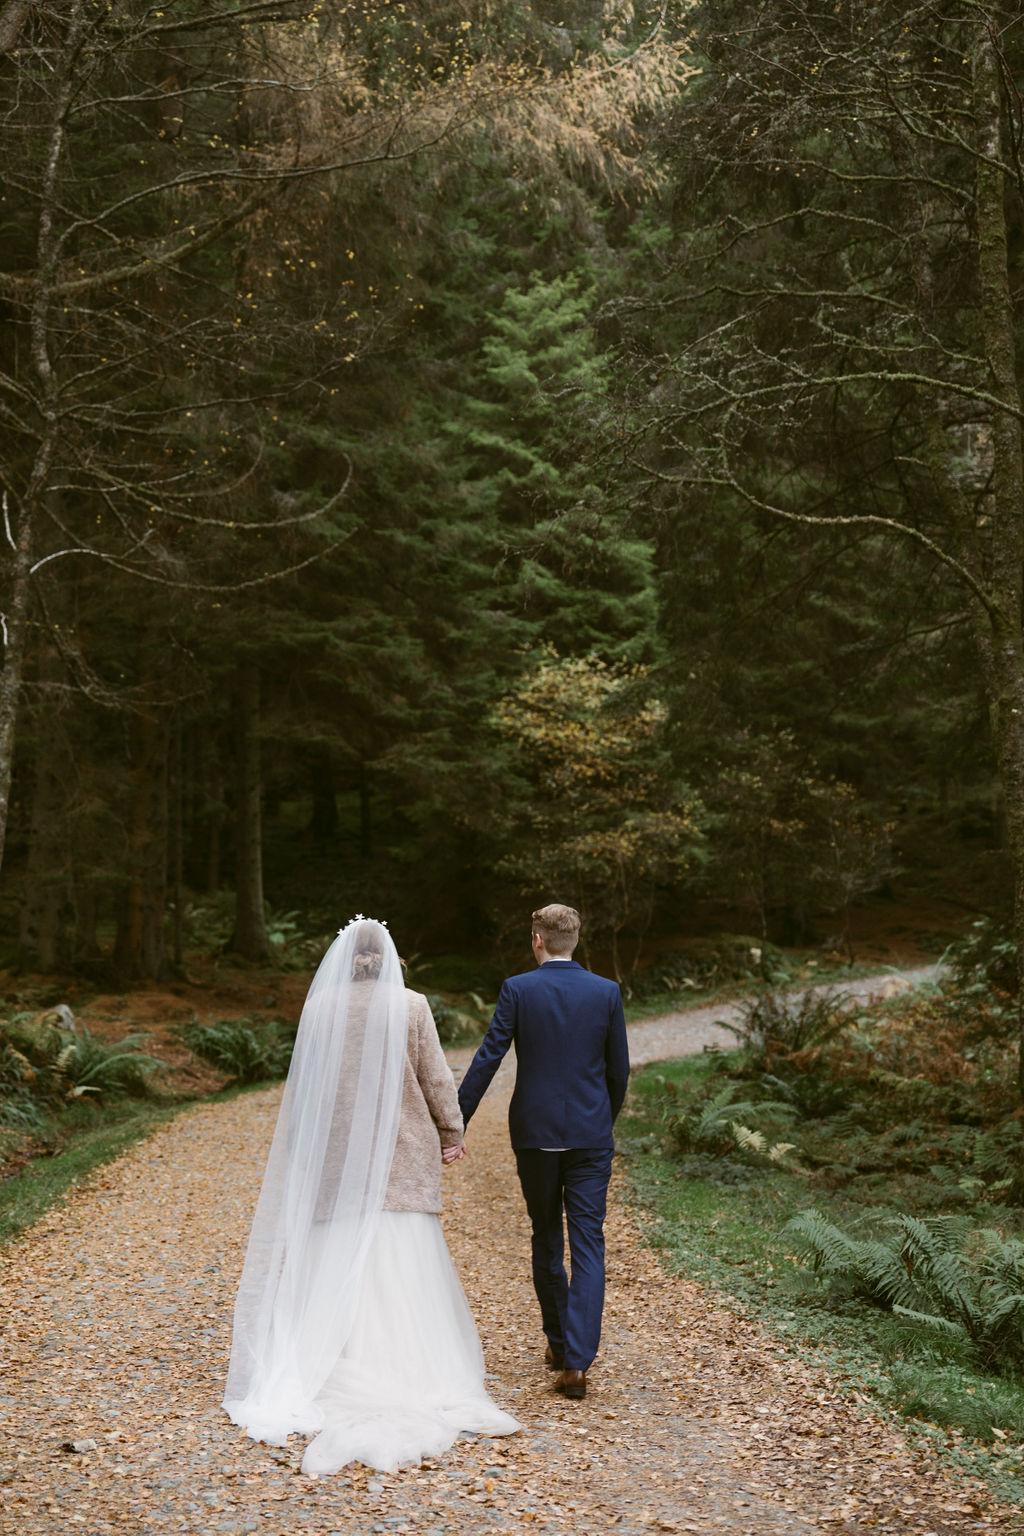 Forest - Loch Lomond Elopement